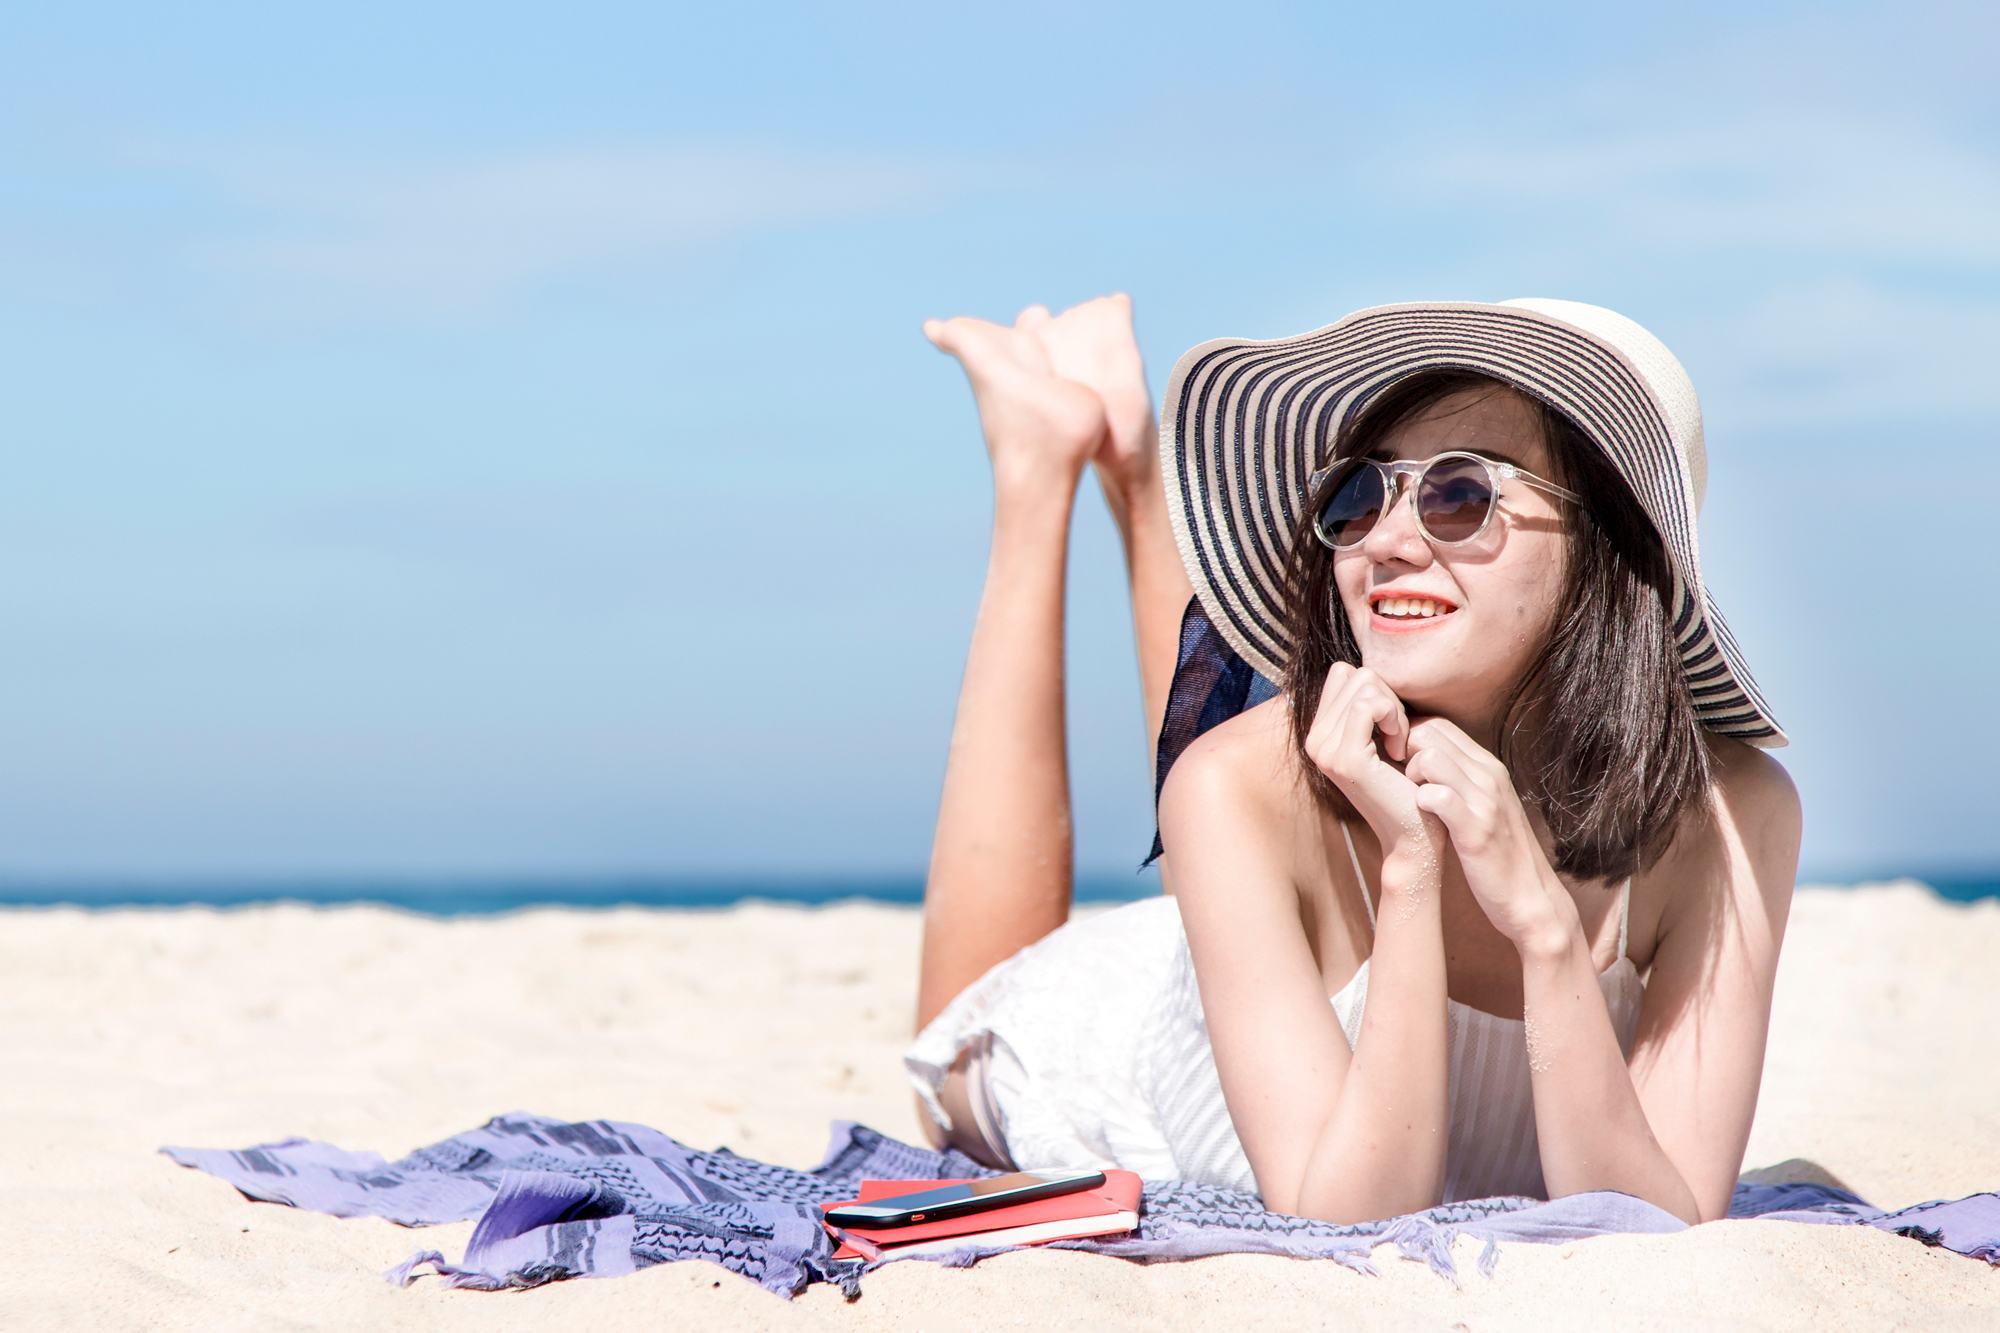 ผู้หญิงสวมหมวก แว่นตากันแดด ท่ามกลางแสงแดด